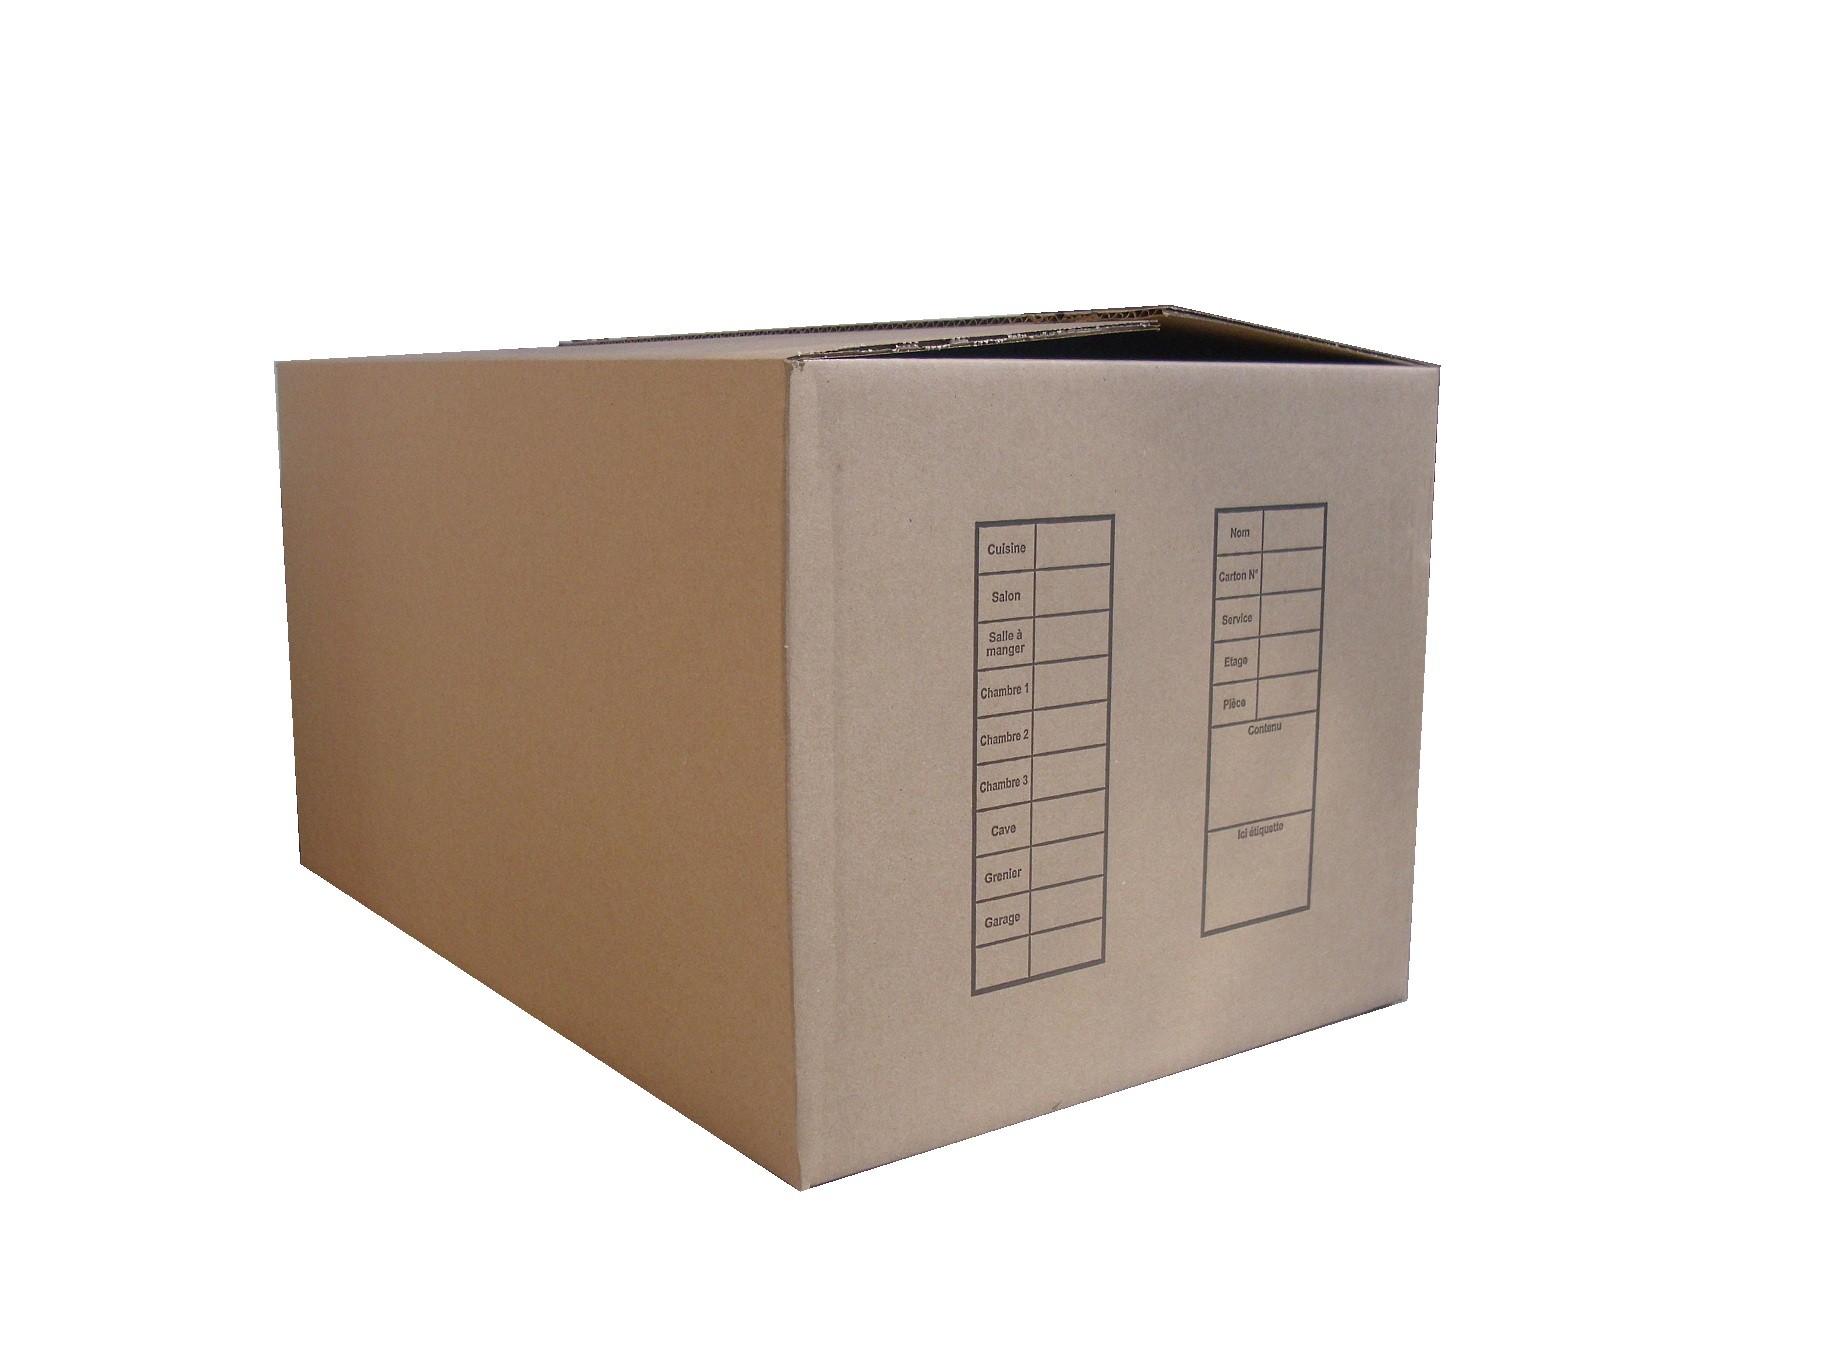 Cartons de déménagement PerpiDem, spécialiste du déménagement à Perpignan